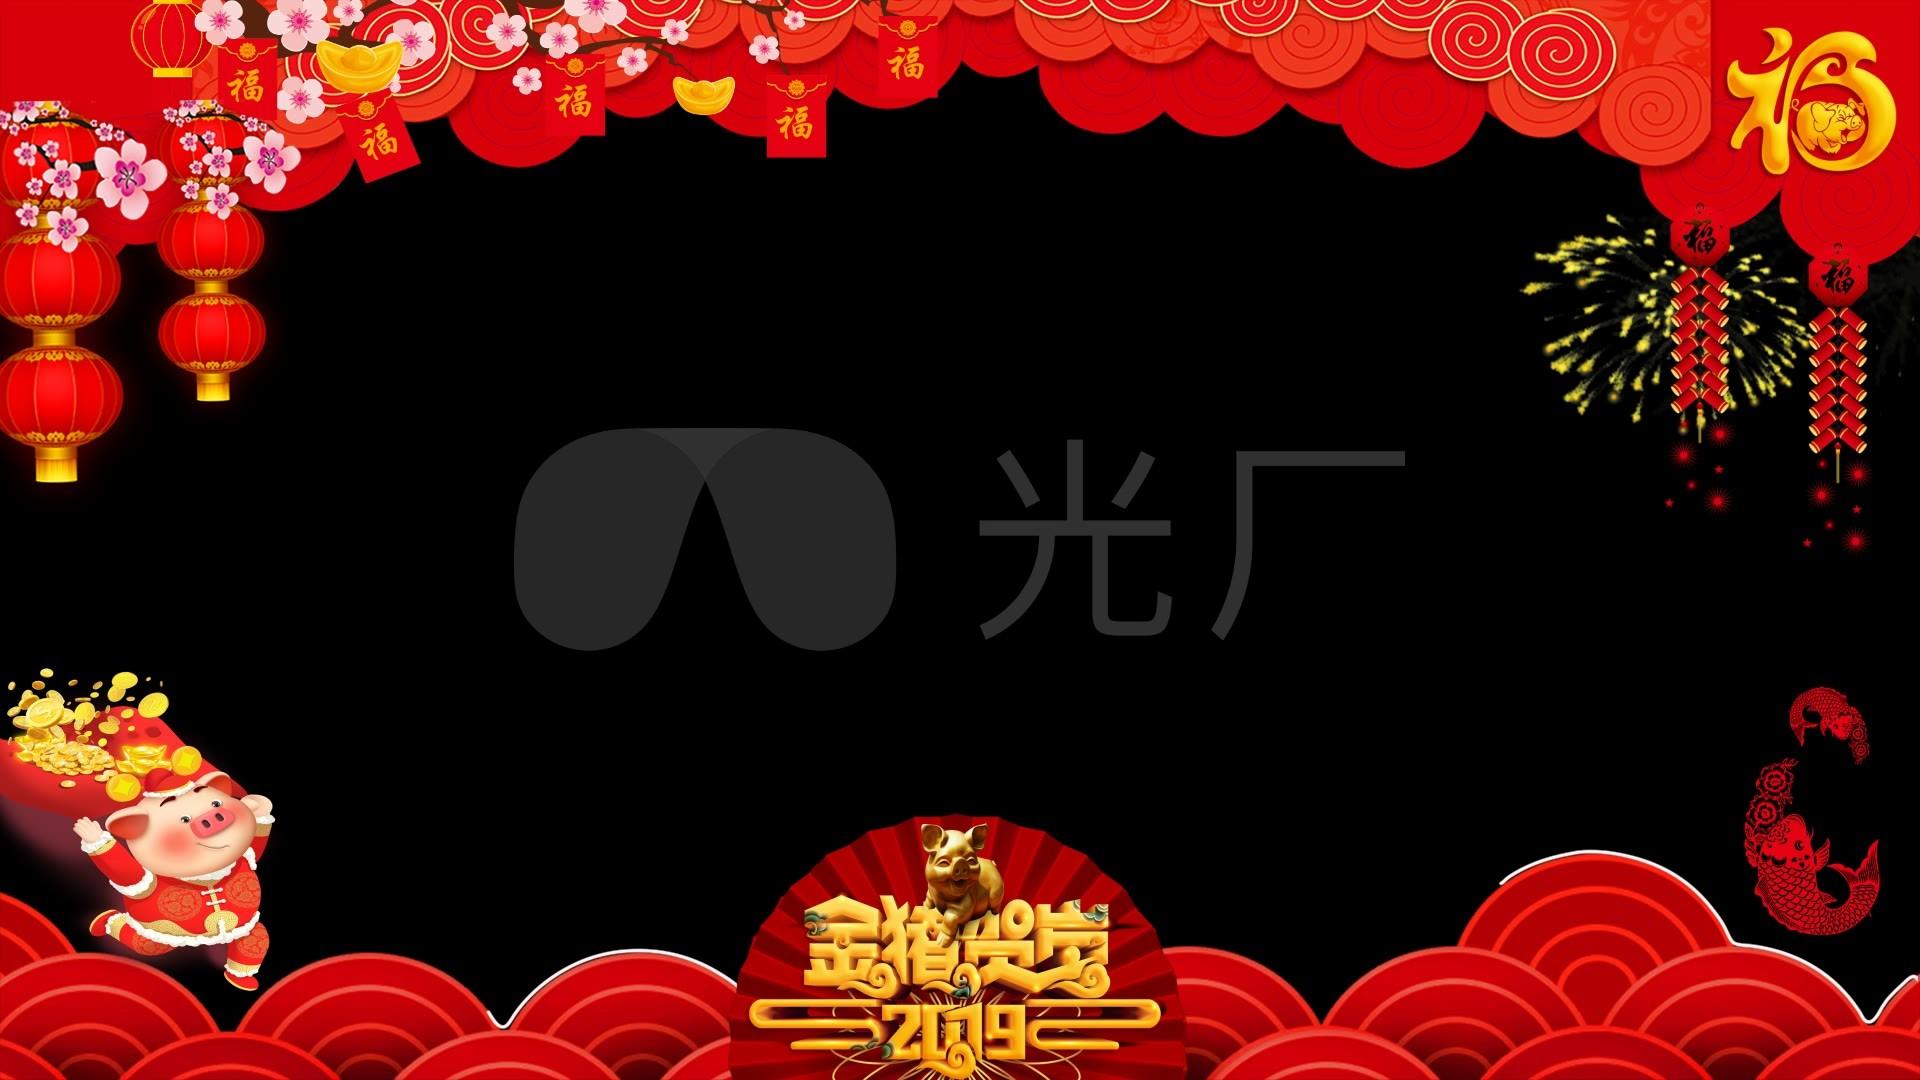 2019拜年新春视频边框通道_1920x1080_高清视频素材